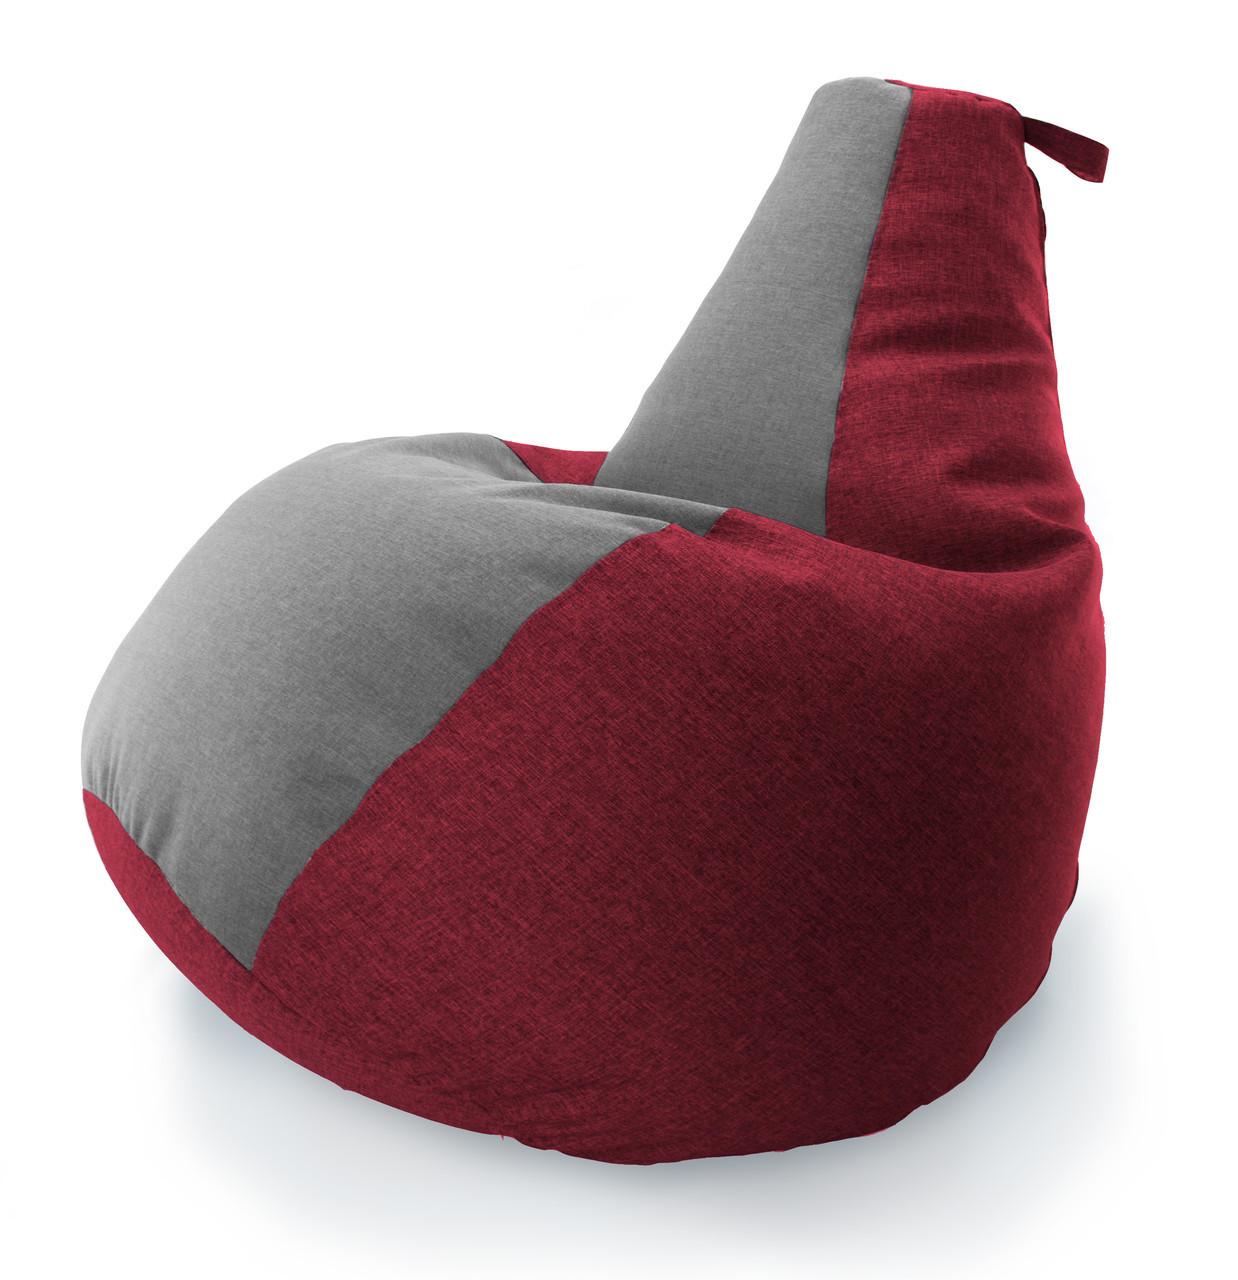 Велике Крісло-мішок груша Комбі. Мікро-рогожка 90*130 див. З додатковим чохлом